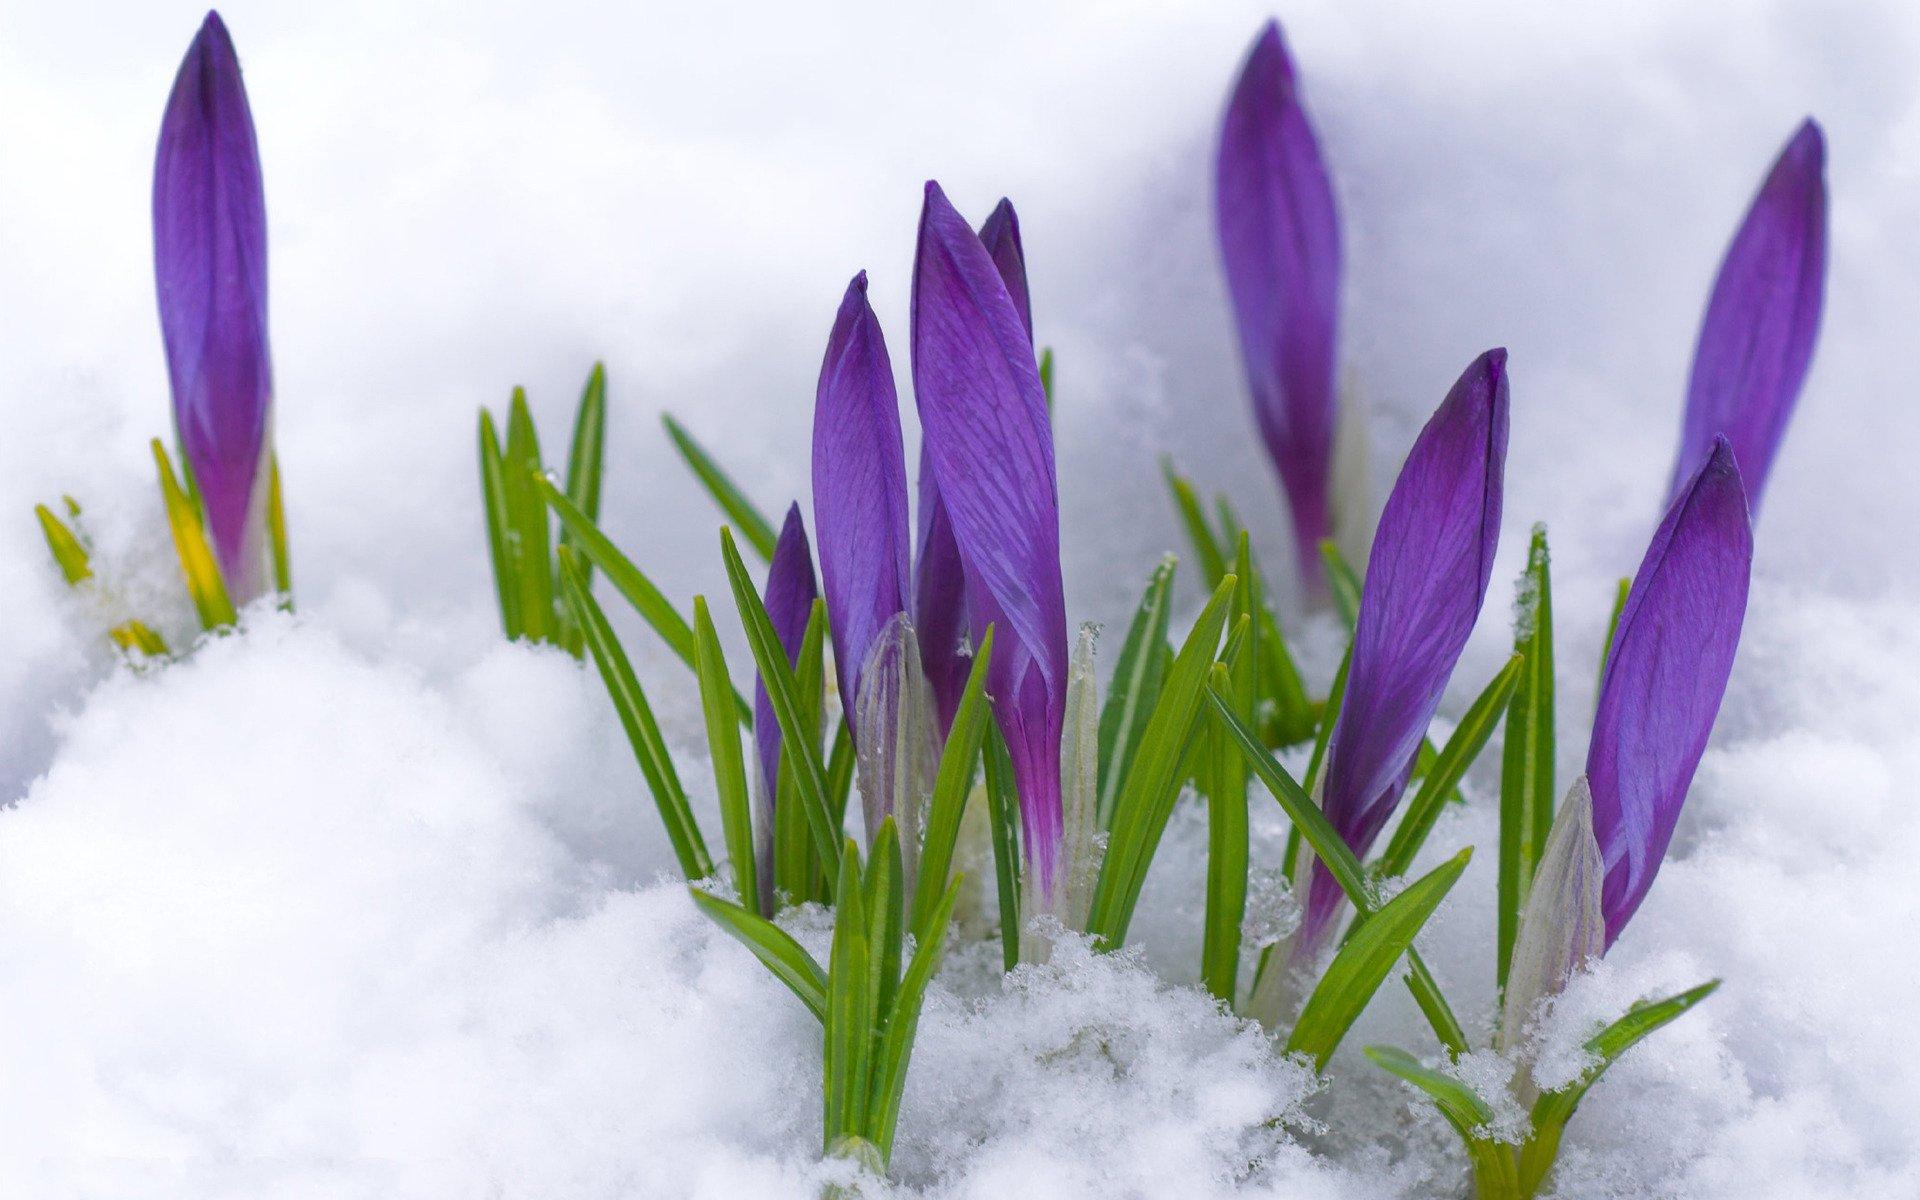 Картинка с весной красивая, картинках для брата